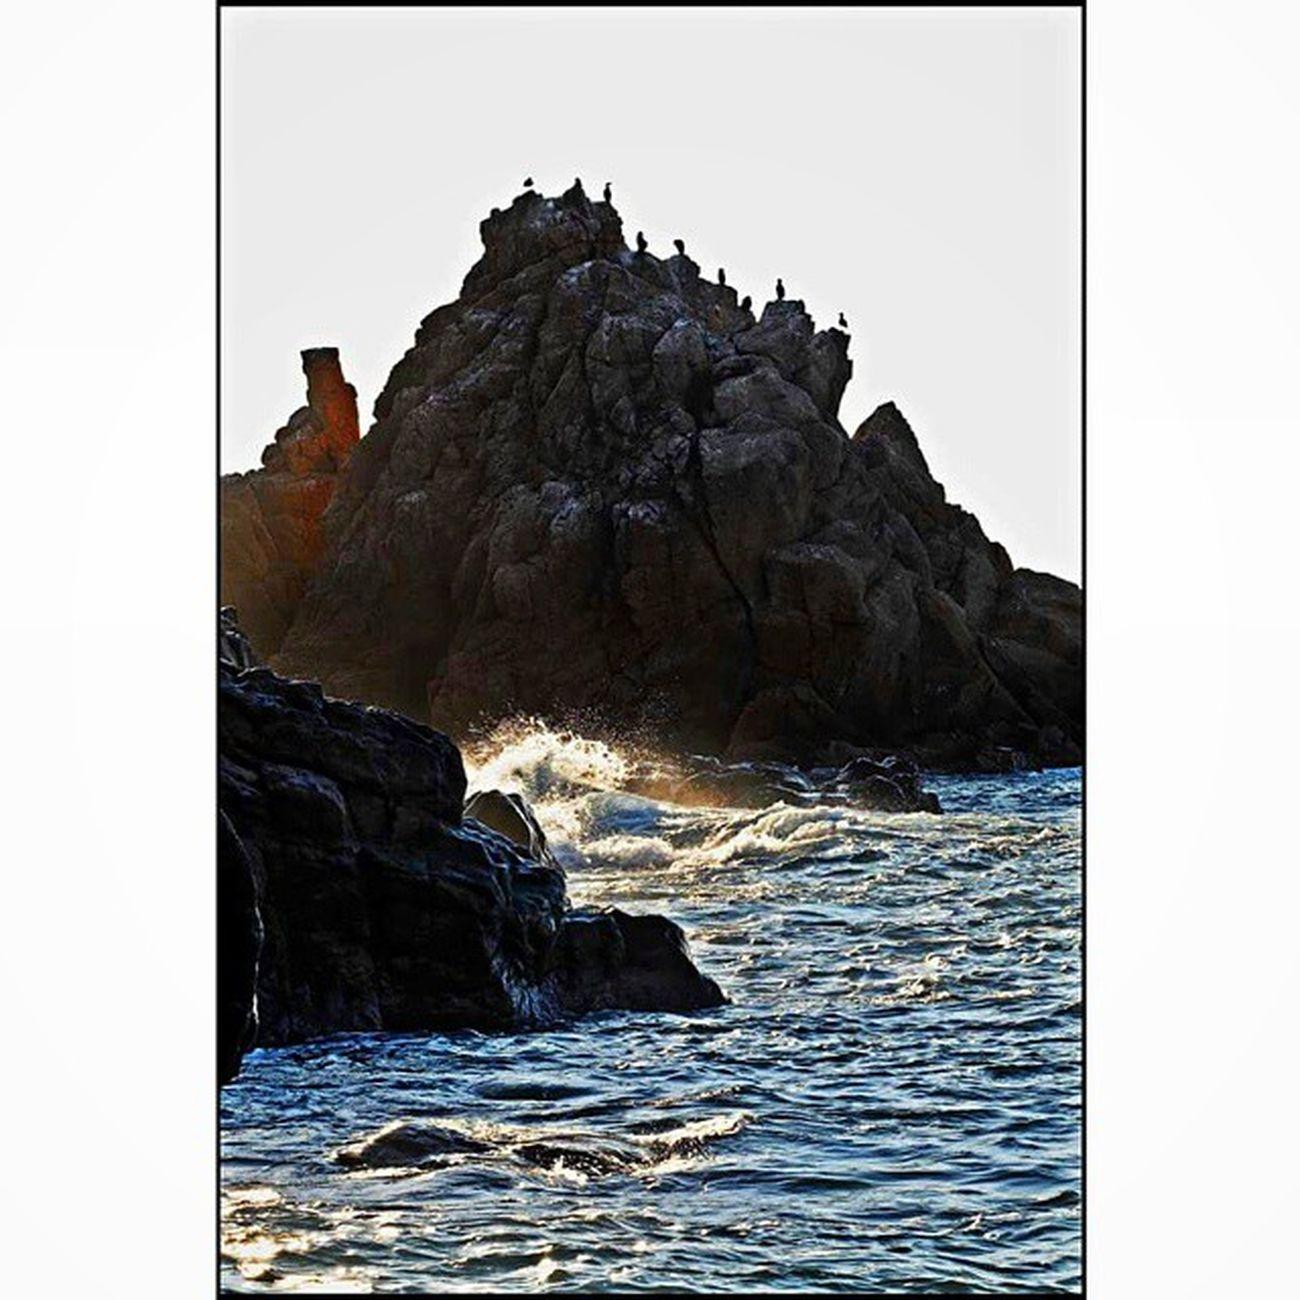 Sea Water Blanes Blanesturismo playa costabrava nikkorlenses Cerca del puerto. Blanes, 2014.